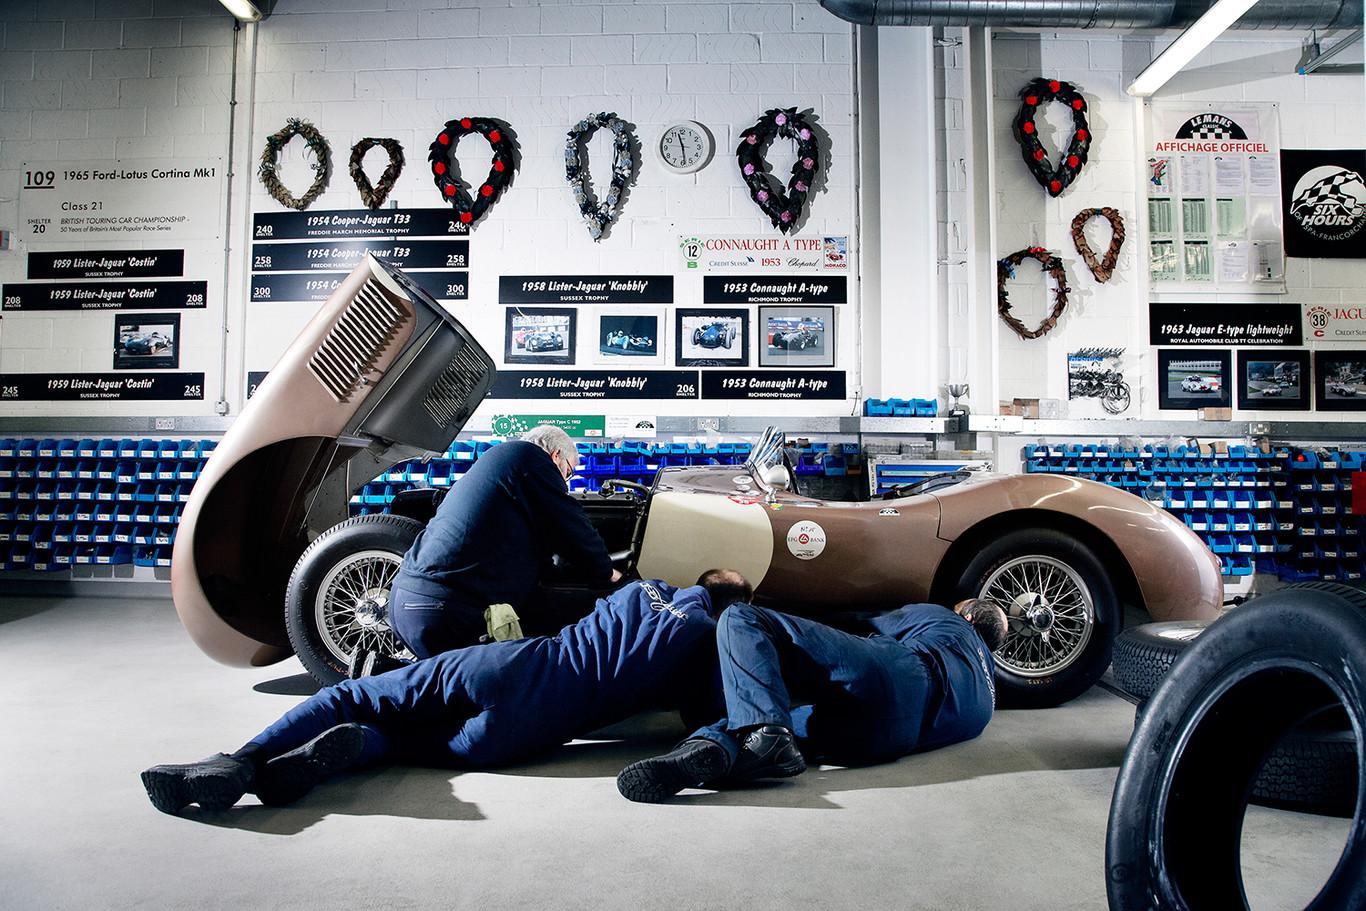 bb4501c8e Los coches que odian los talleres mecánicos (porque repararlos es un  infierno)